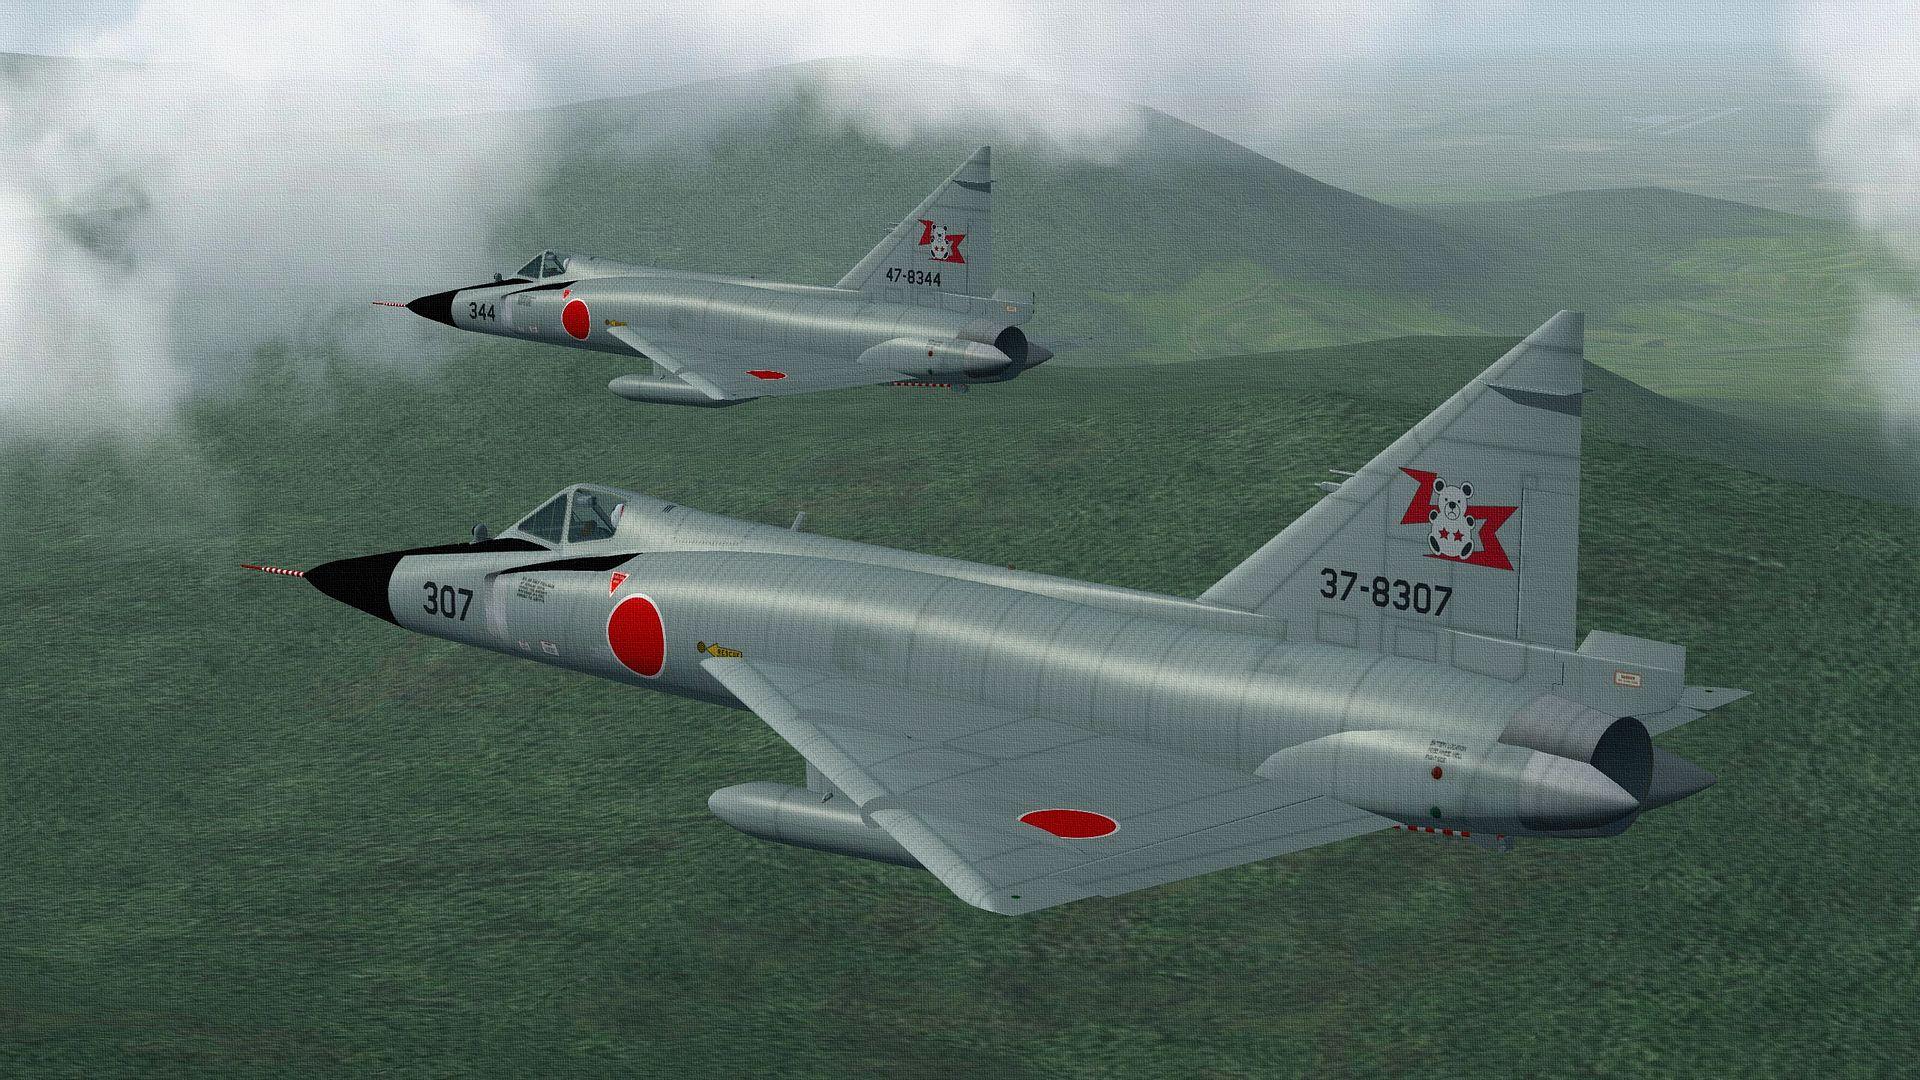 JASDF%20F-102A%20DELTA%20DAGGER.03_zpsyv